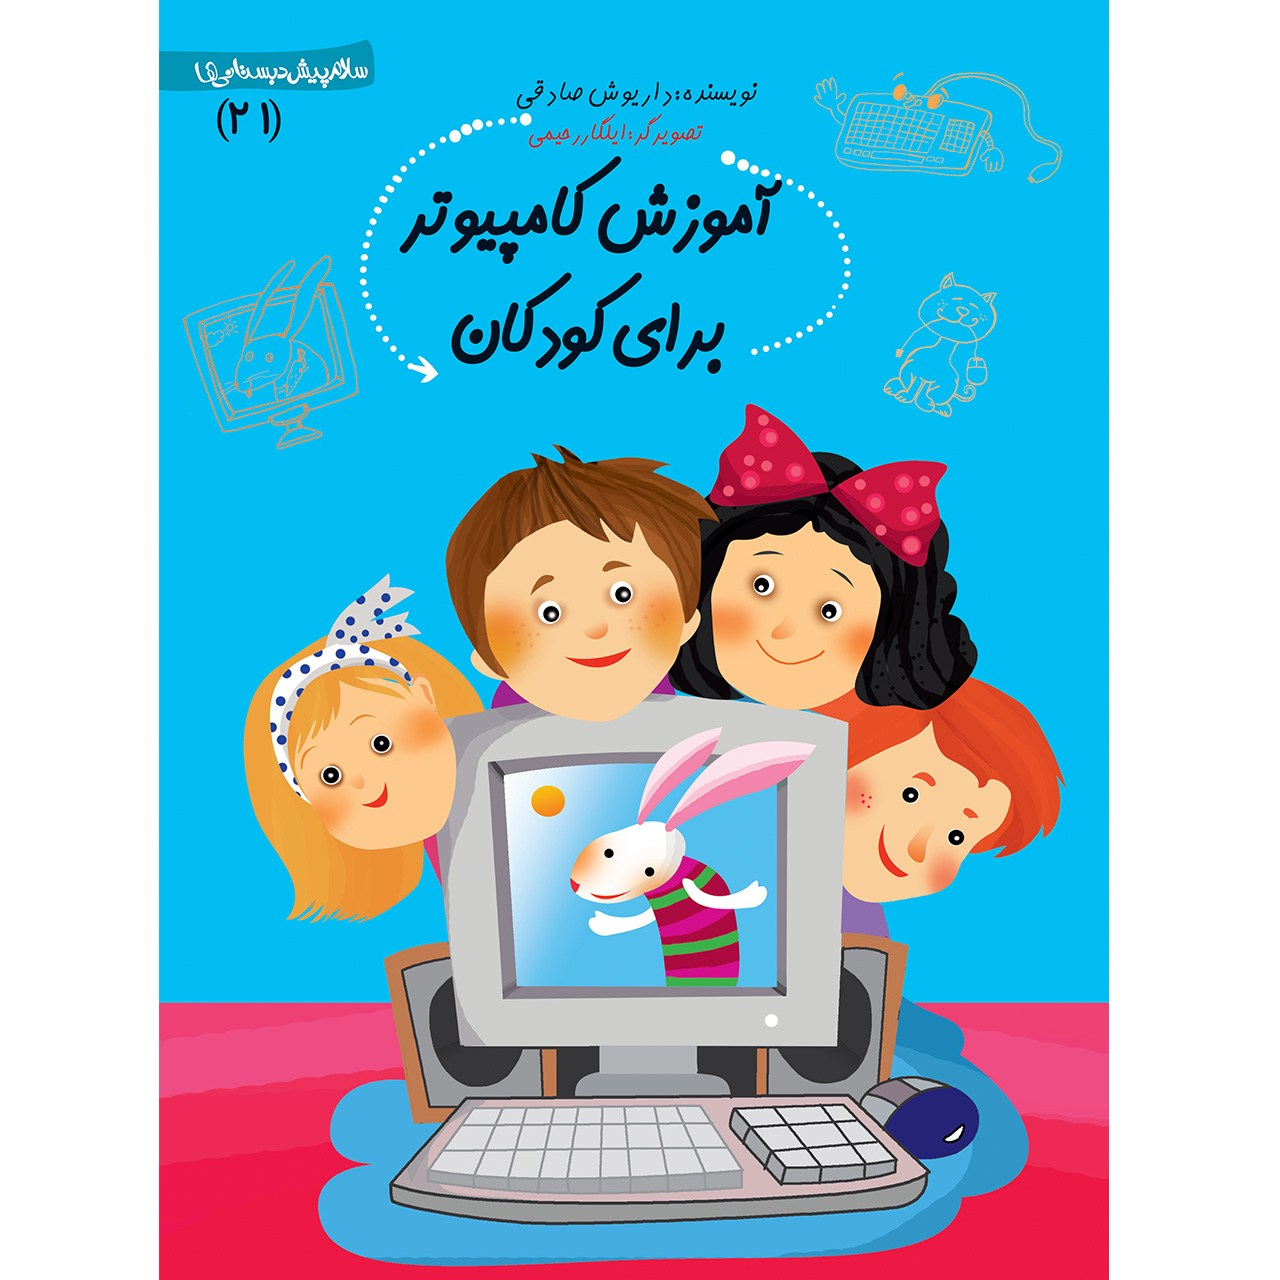 کتاب آموزش کامپیوتر برای کودکان اثر داریوش صادقی